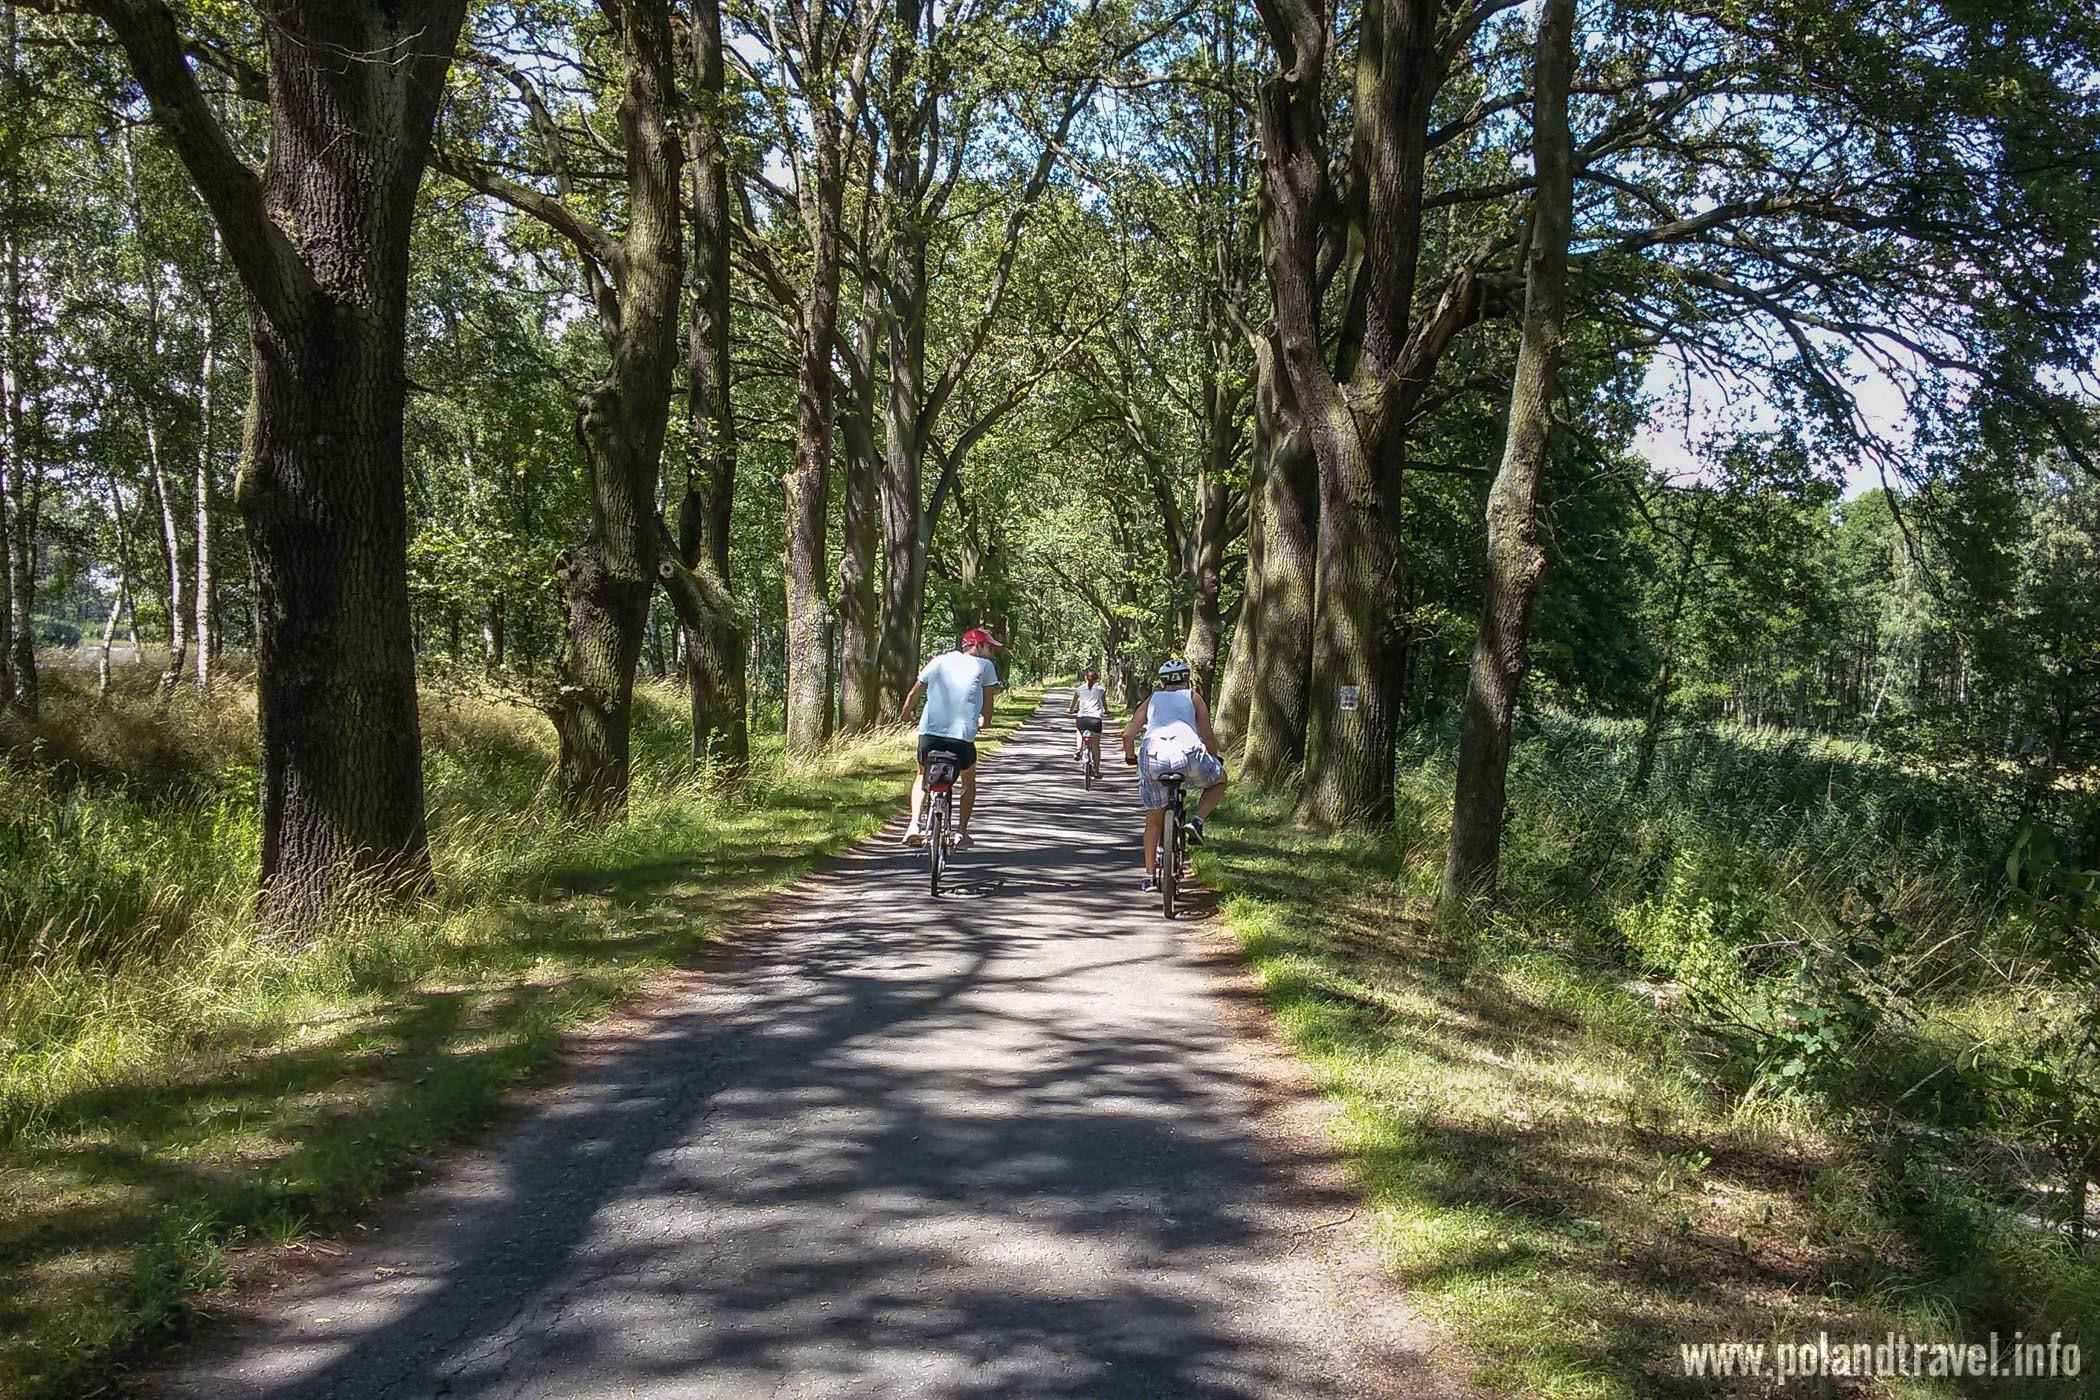 Ruda Sułowska, Asfaltowa Aleja wśród dużych drzew i trójka jadących rowerzystów